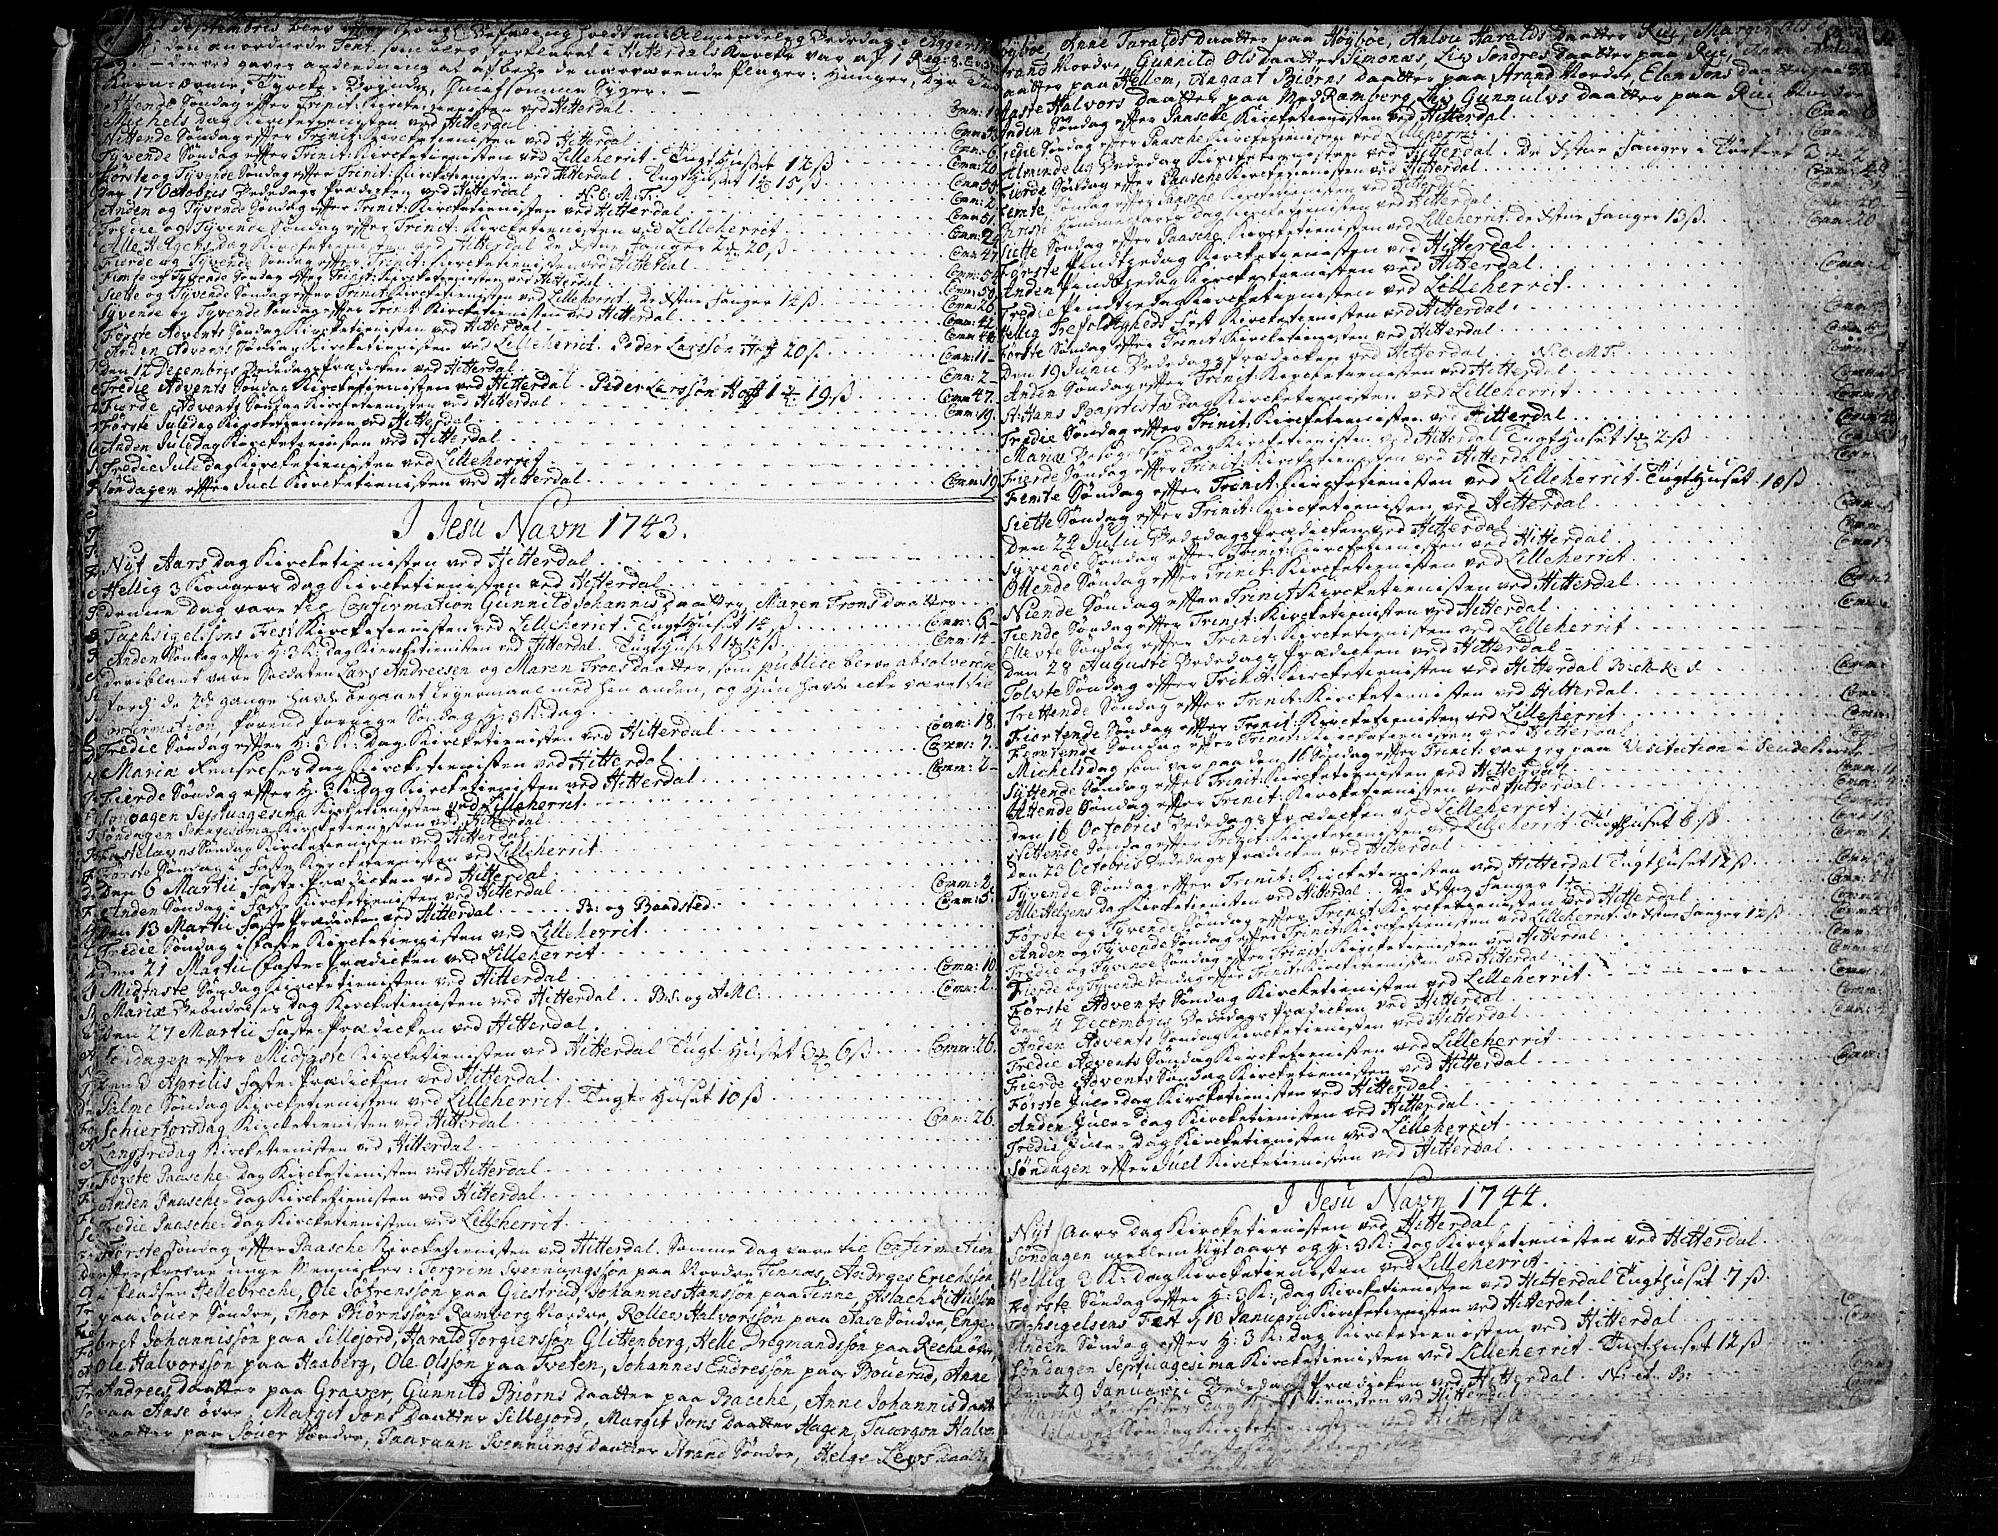 SAKO, Heddal kirkebøker, F/Fa/L0003: Ministerialbok nr. I 3, 1723-1783, s. 19